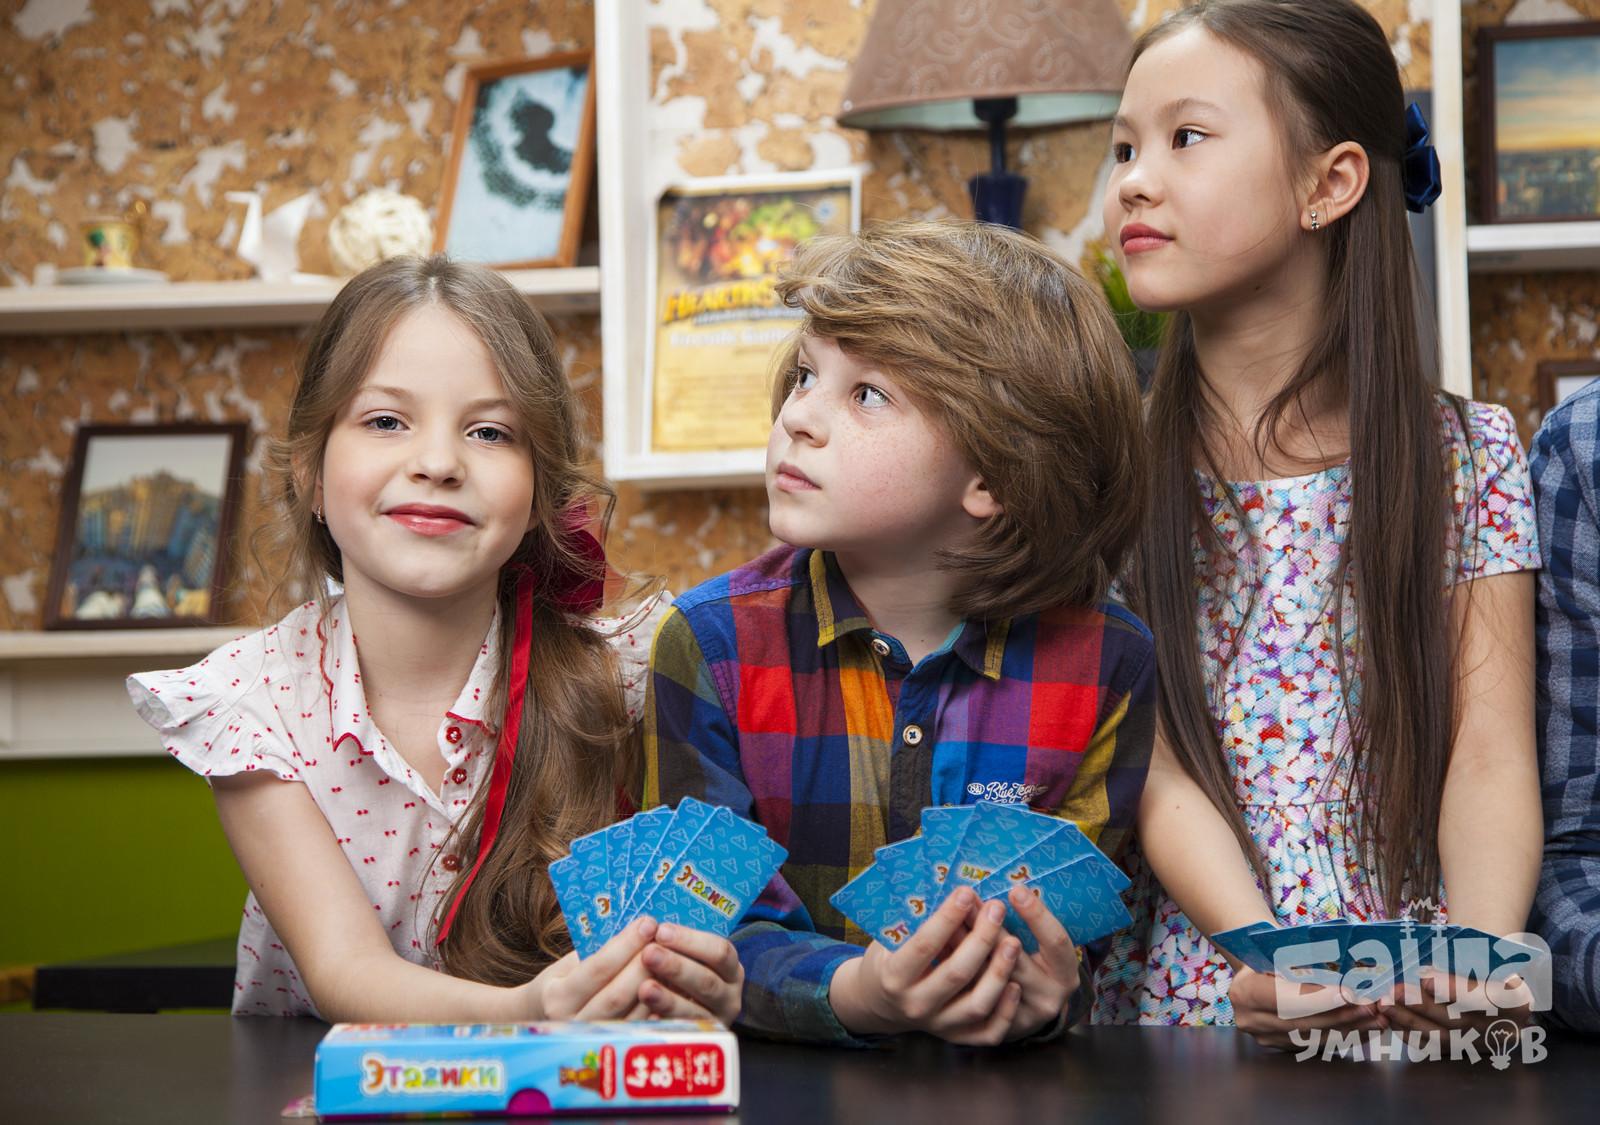 Дети играют в Этажики.